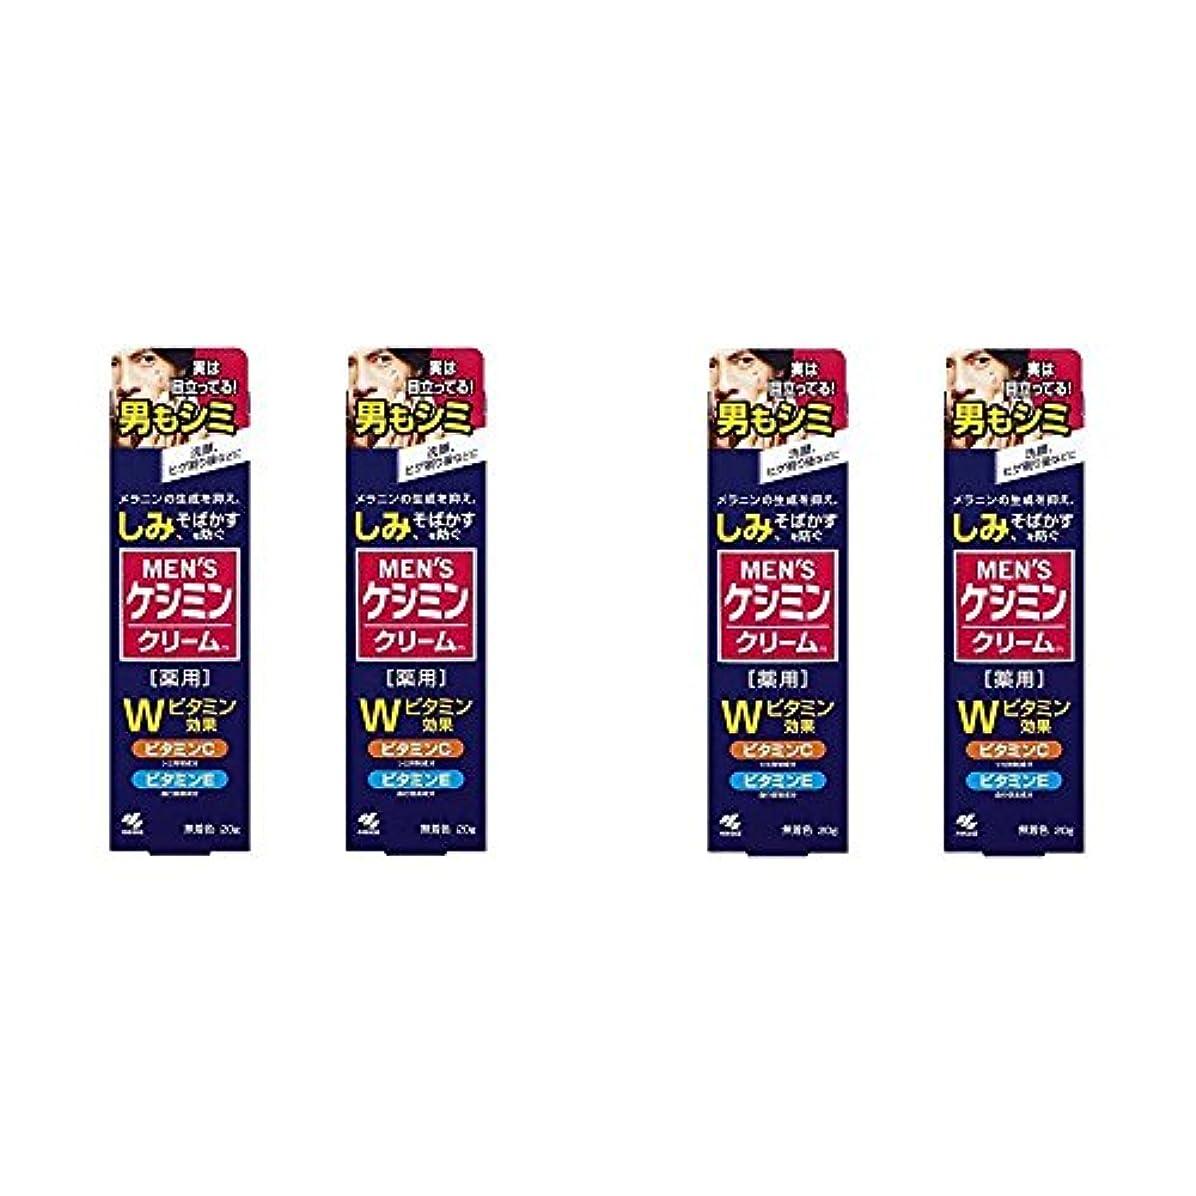 小さい効果計画的【セット品】メンズケシミンクリーム 男のシミ対策 20g (4個)